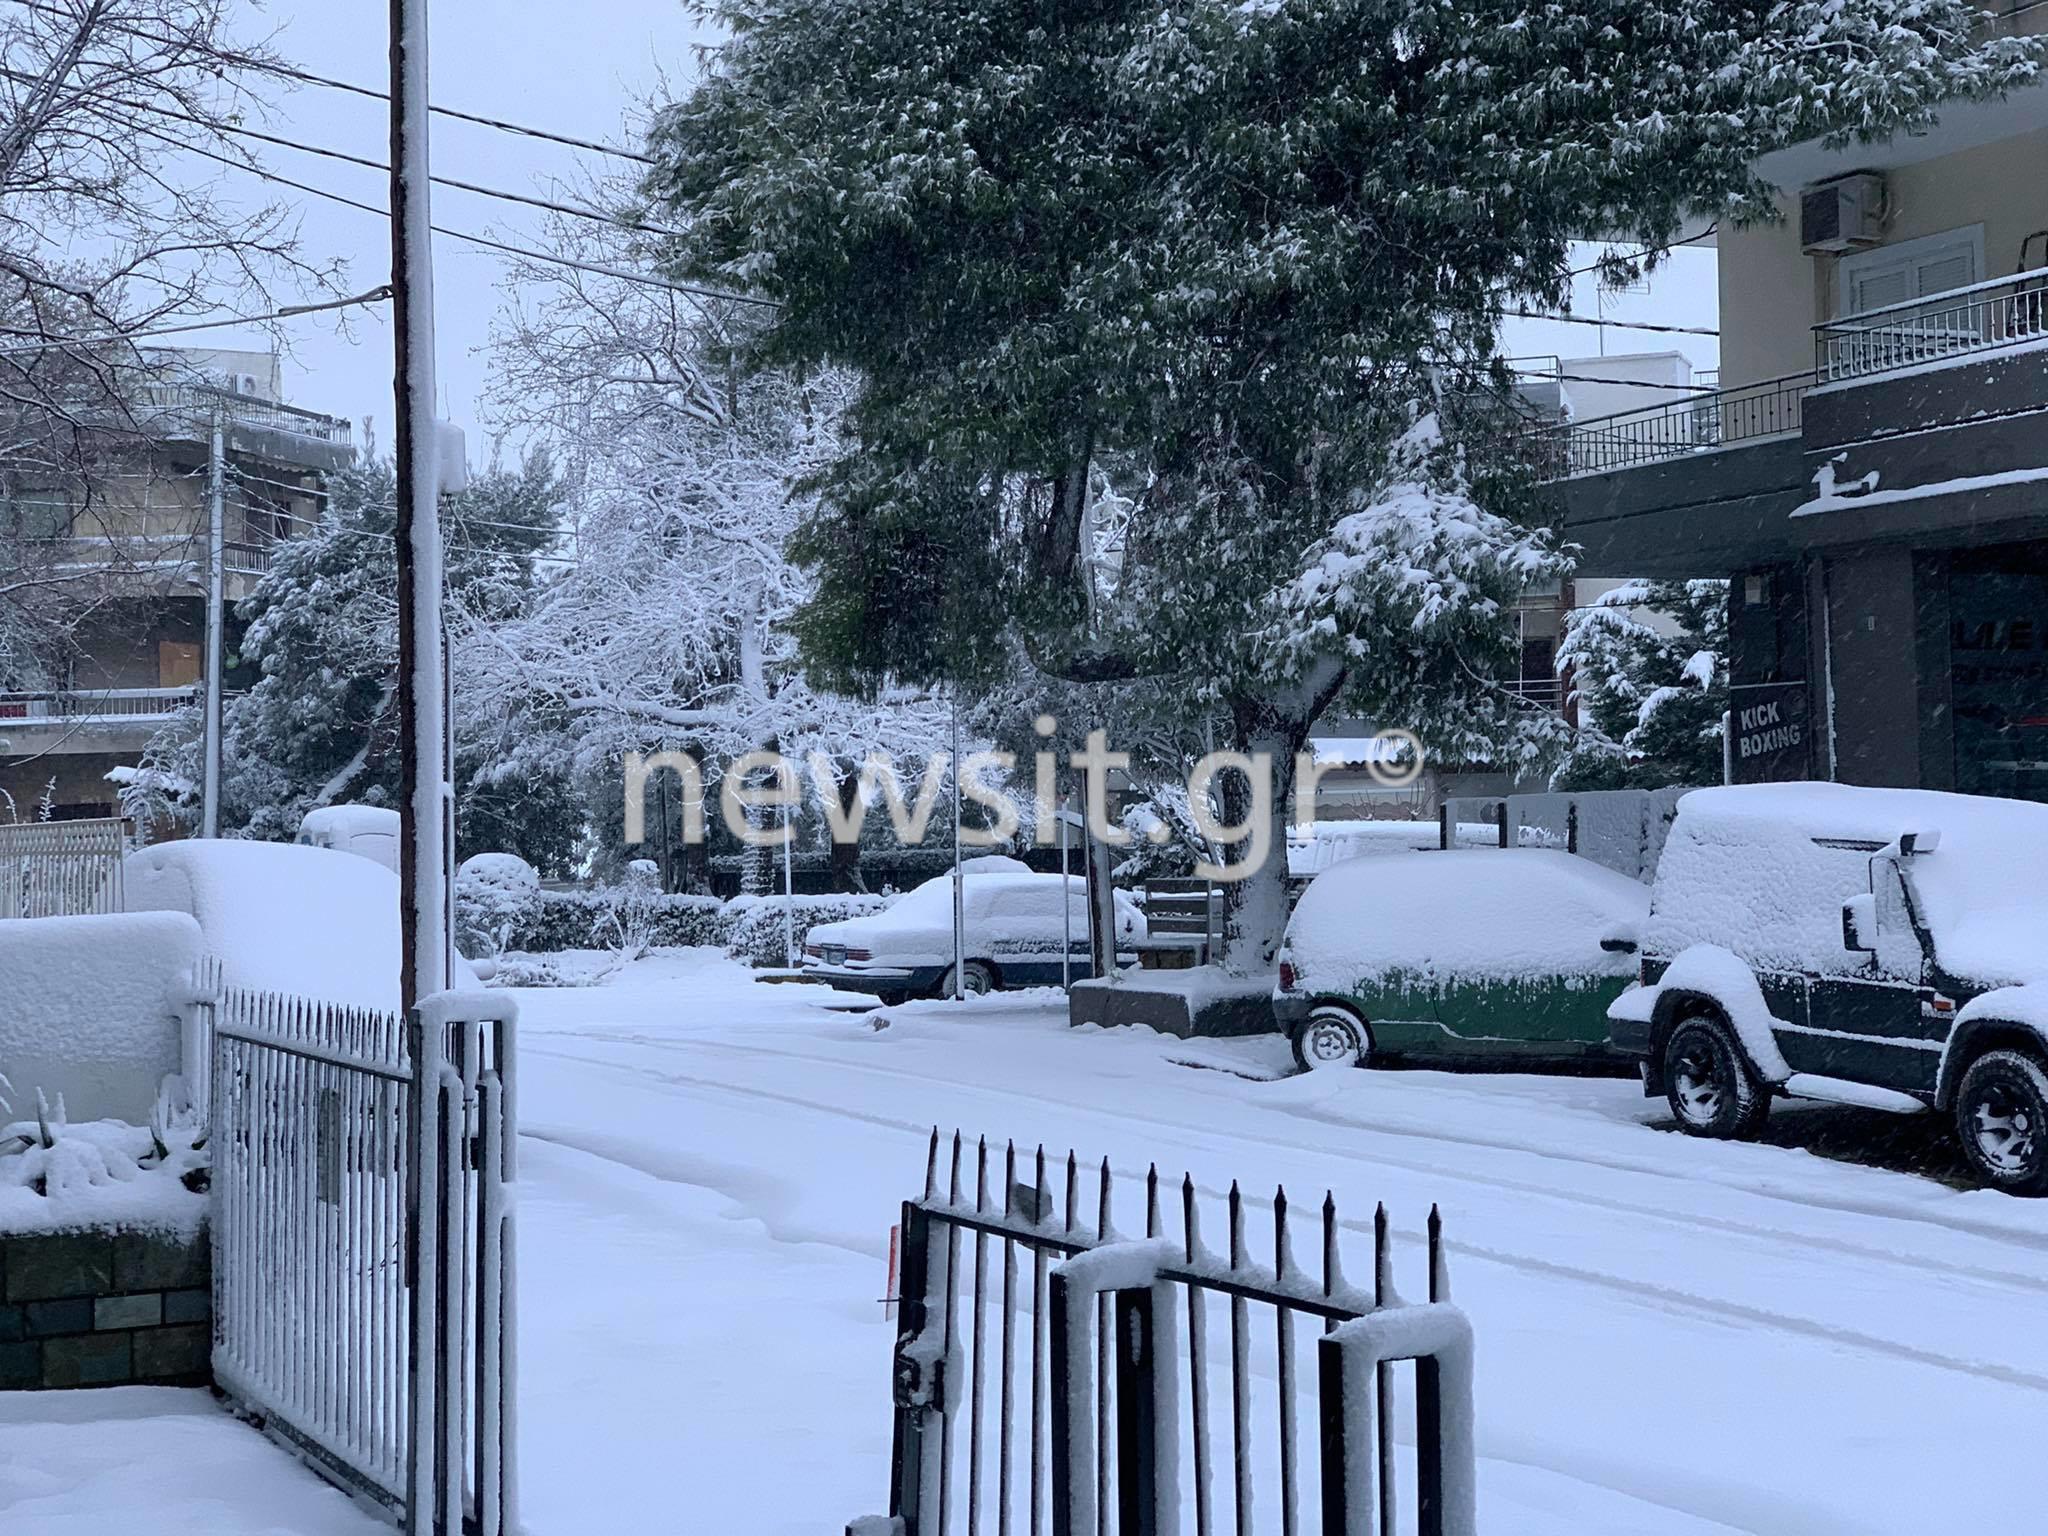 Καιρός: Χιόνια στην Αθήνα! Έκλεισε και η Εθνική Οδός (pics)